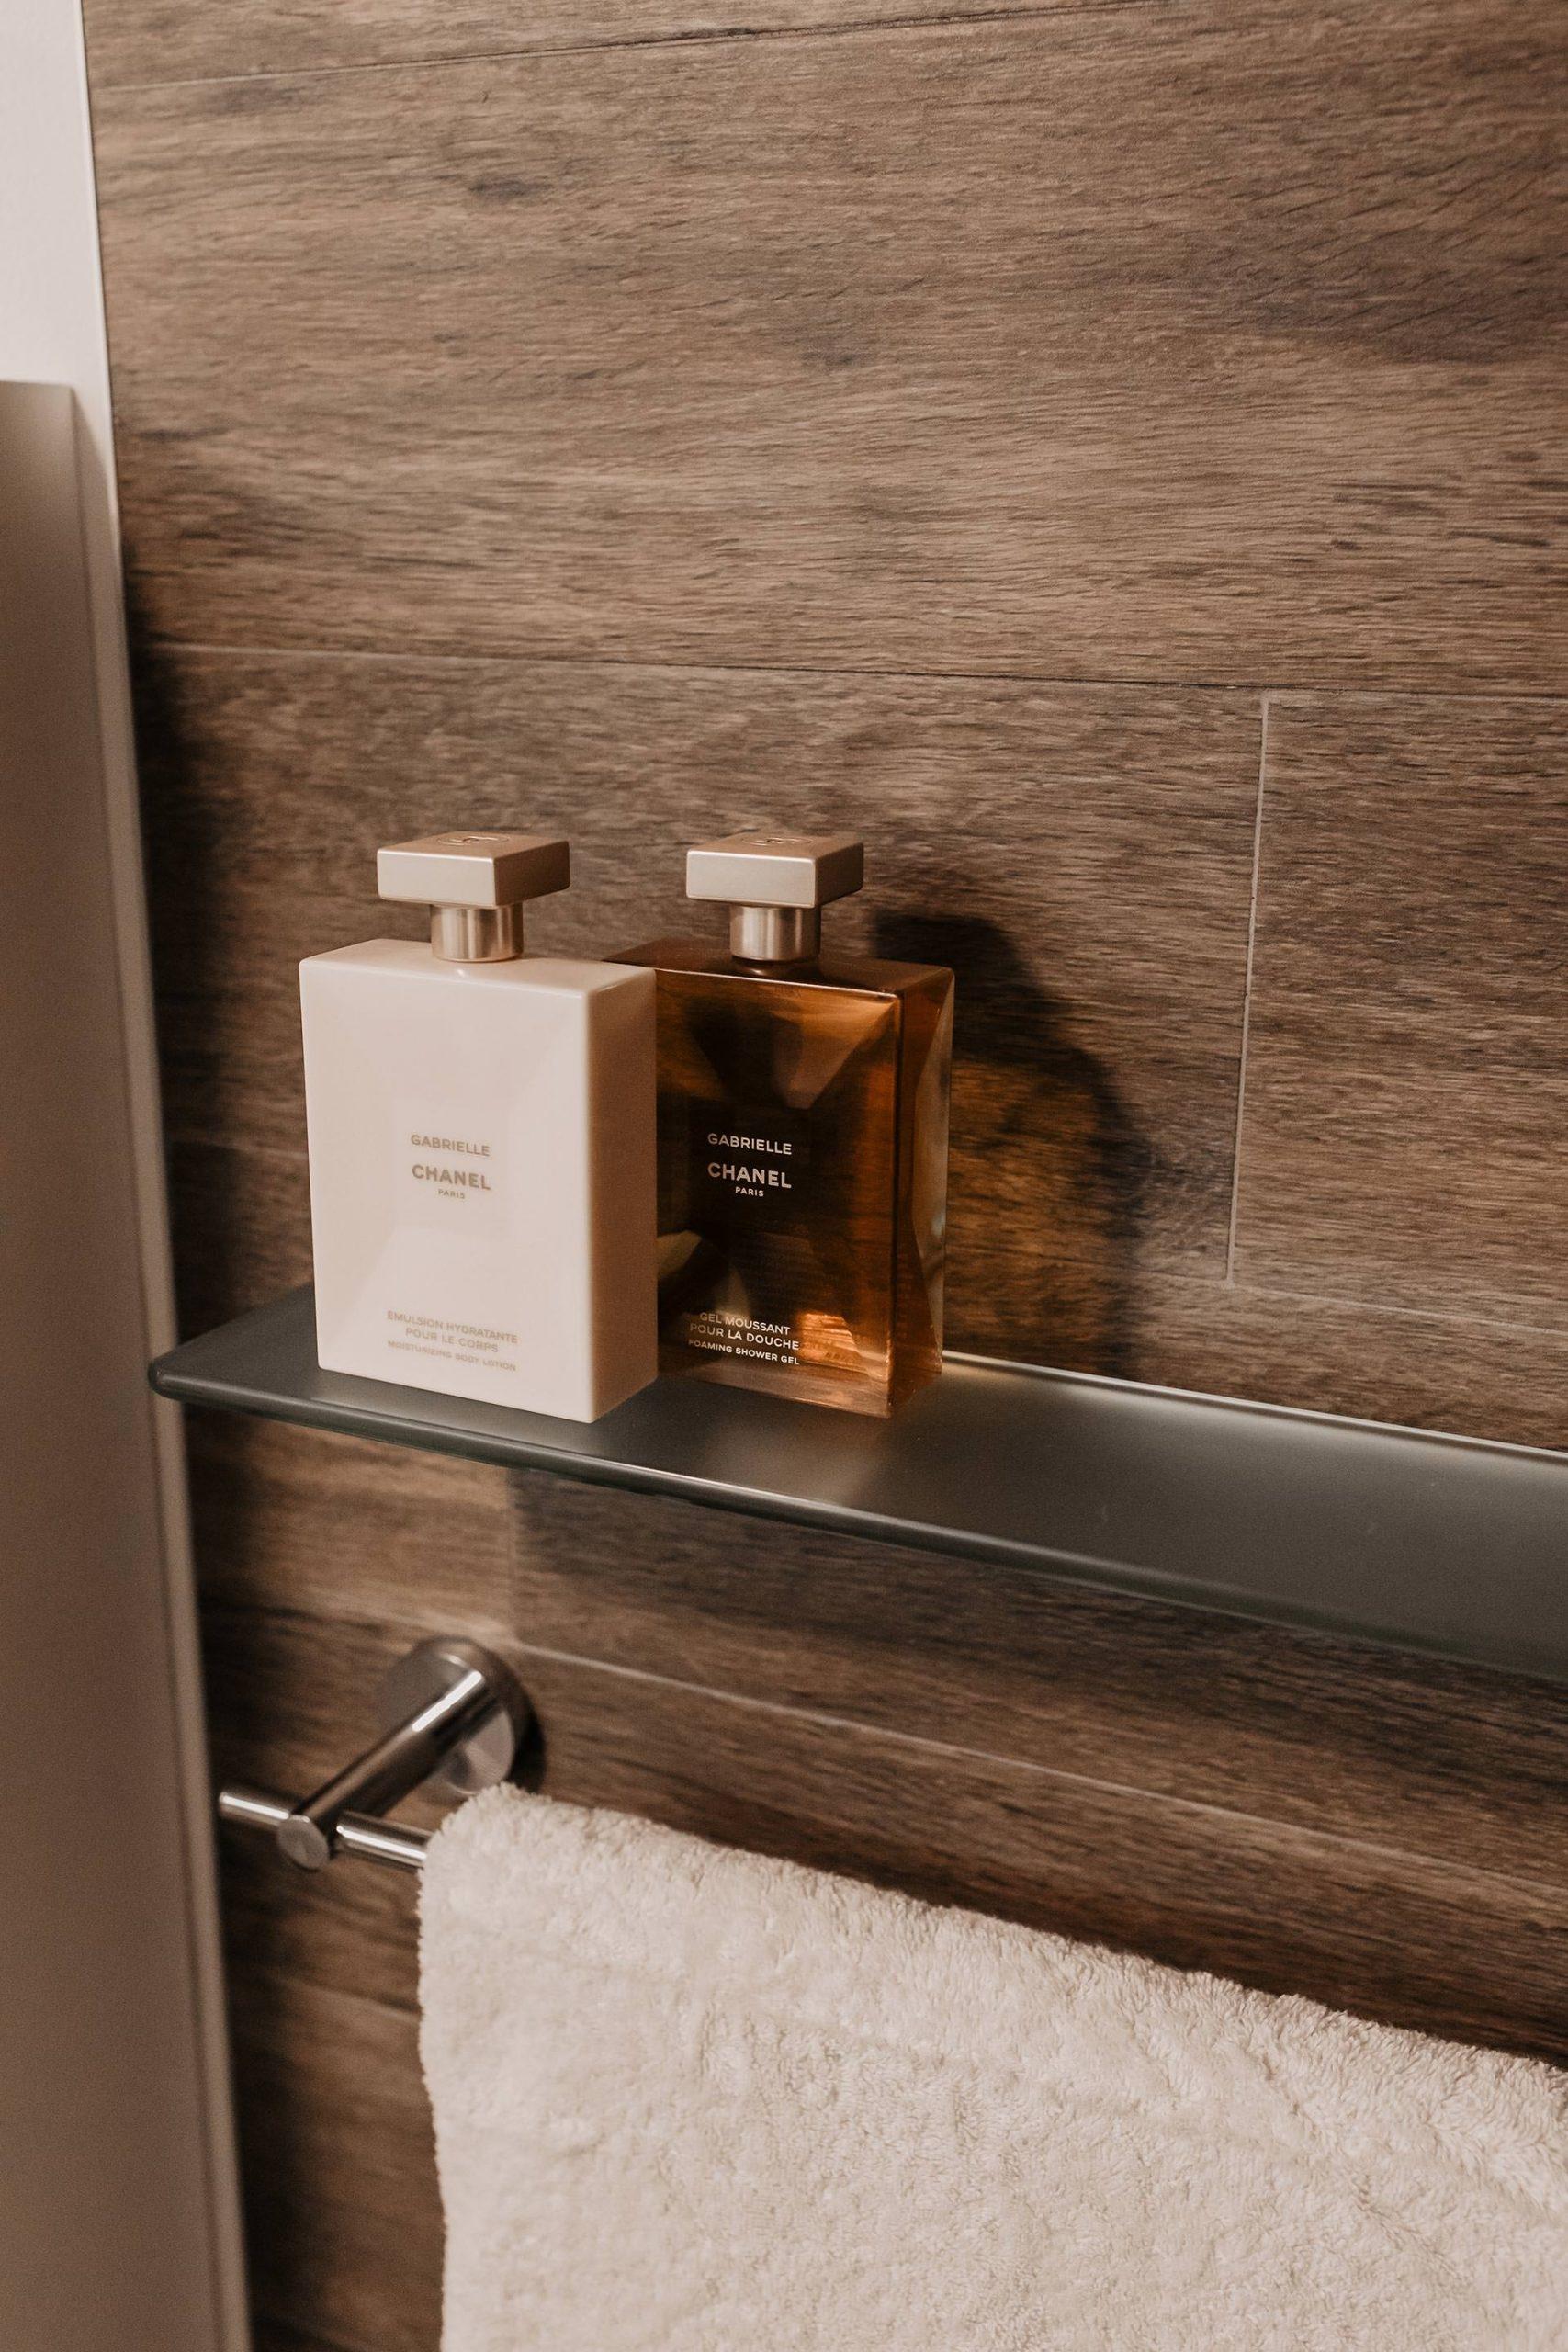 Anzeige. Mit selbstklebenden Badezimmer-Accessoires kannst du deinem Bad einen frischen Touch verleihen. In diesem Beitrag am Interior Blog möchte ich dir zeigen, wie schnell und mit wenig Aufwand man dasBadezimmer optisch aufwerten kann. www.whoismocca.com